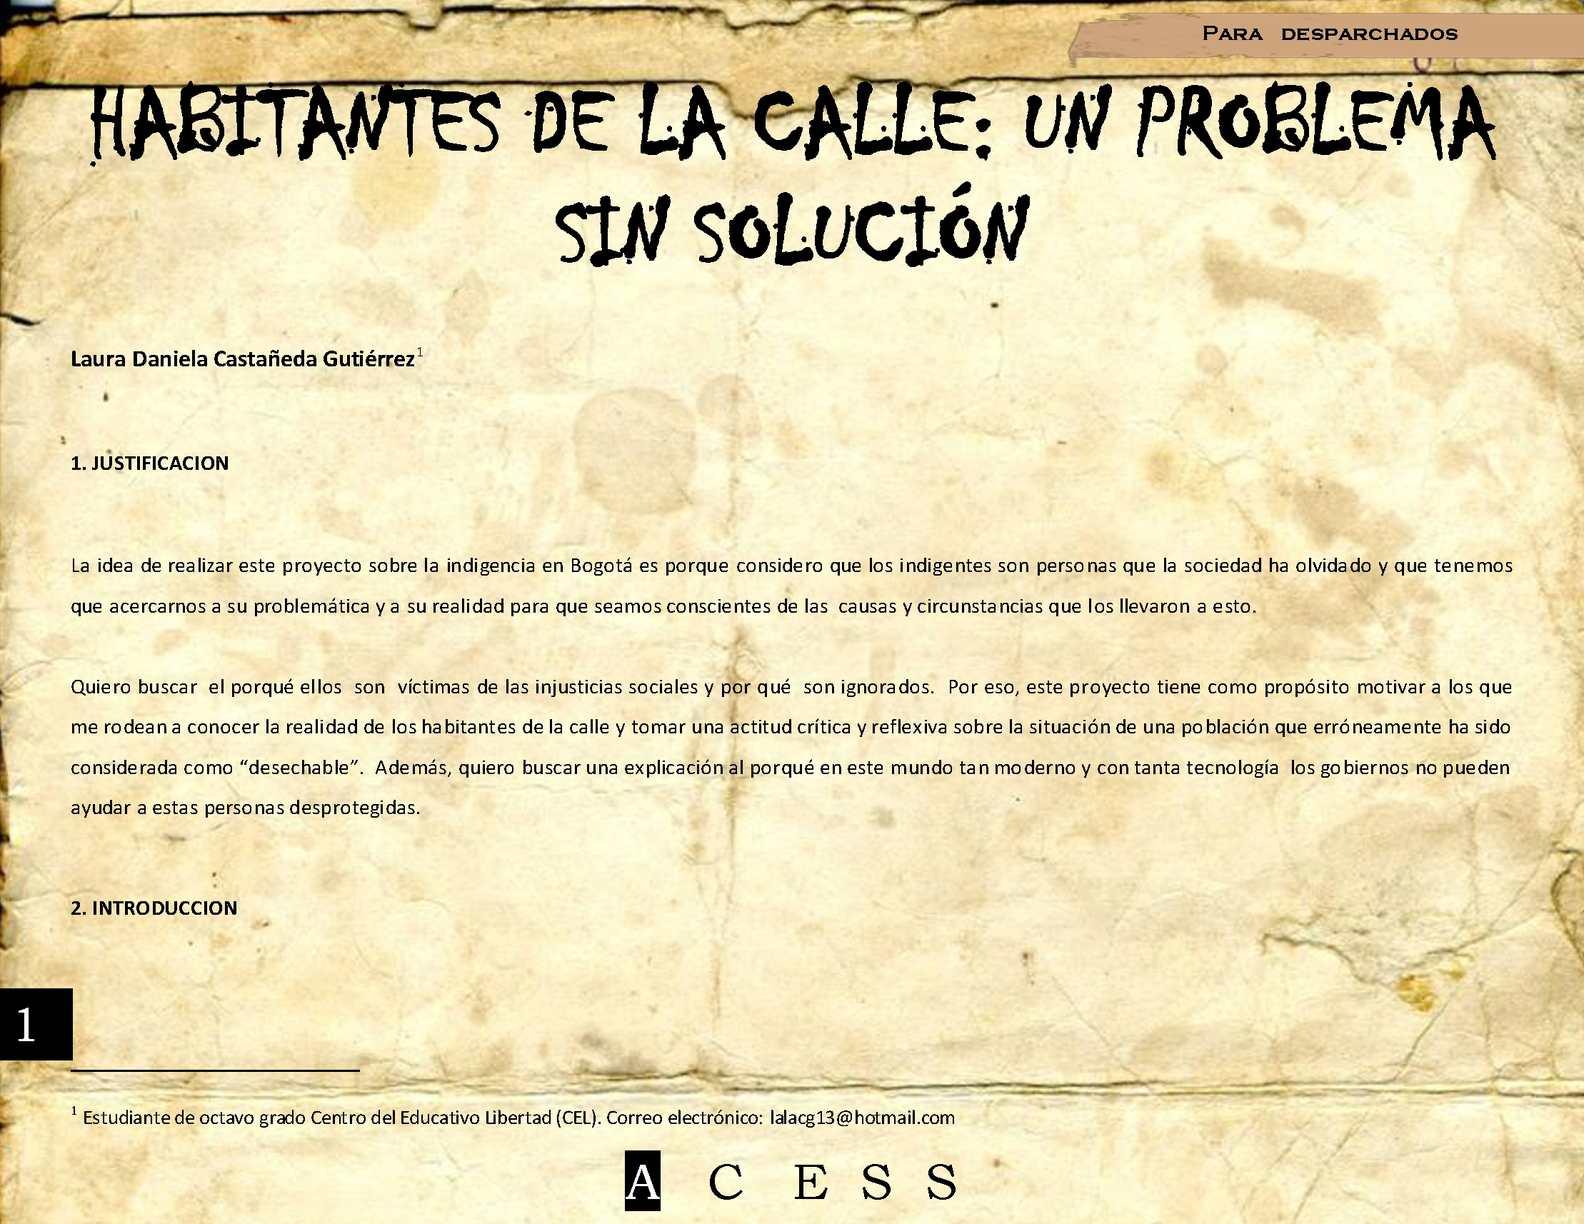 Calaméo - HABITANTES DE LA CALLE: UN PROBLEMA SIN SOLUCIÓN